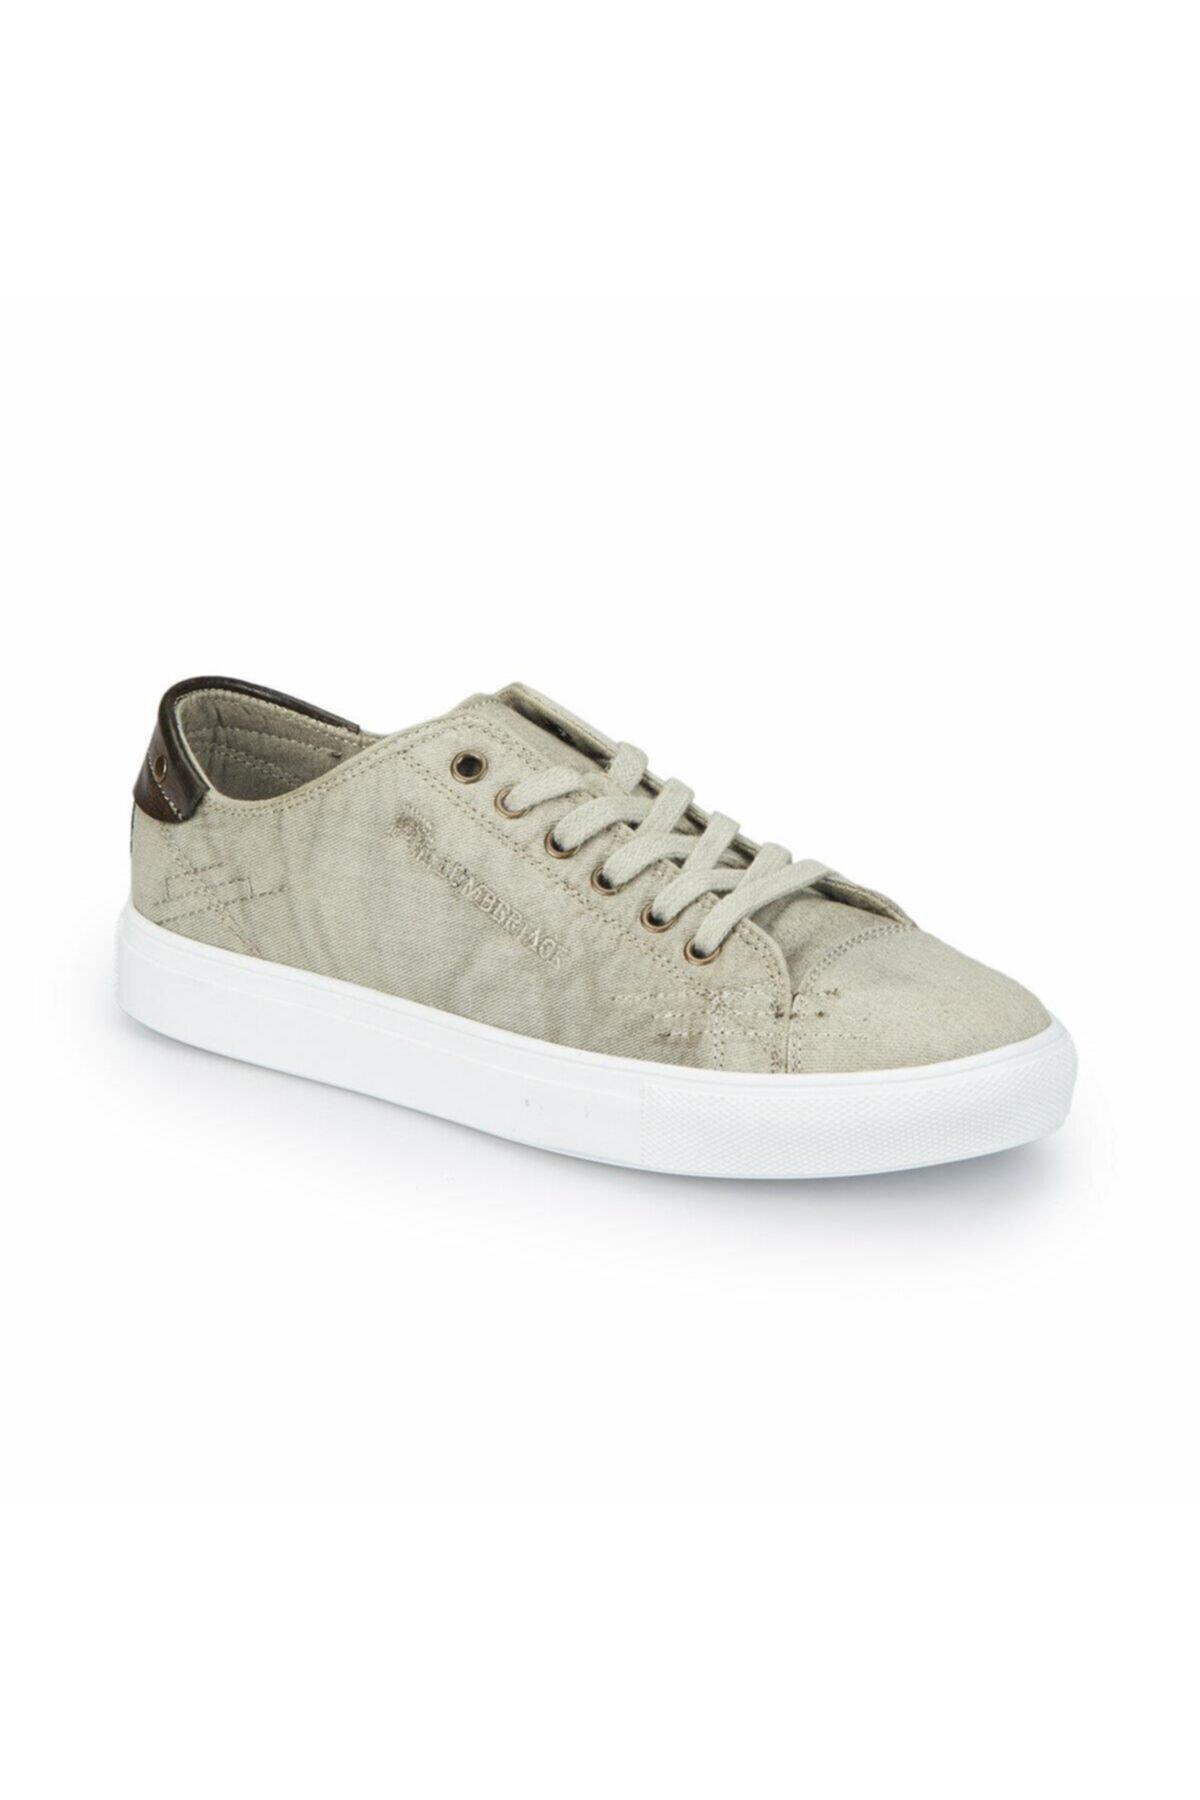 lumberjack DALTON Mavi Erkek Sneaker 100241898 1